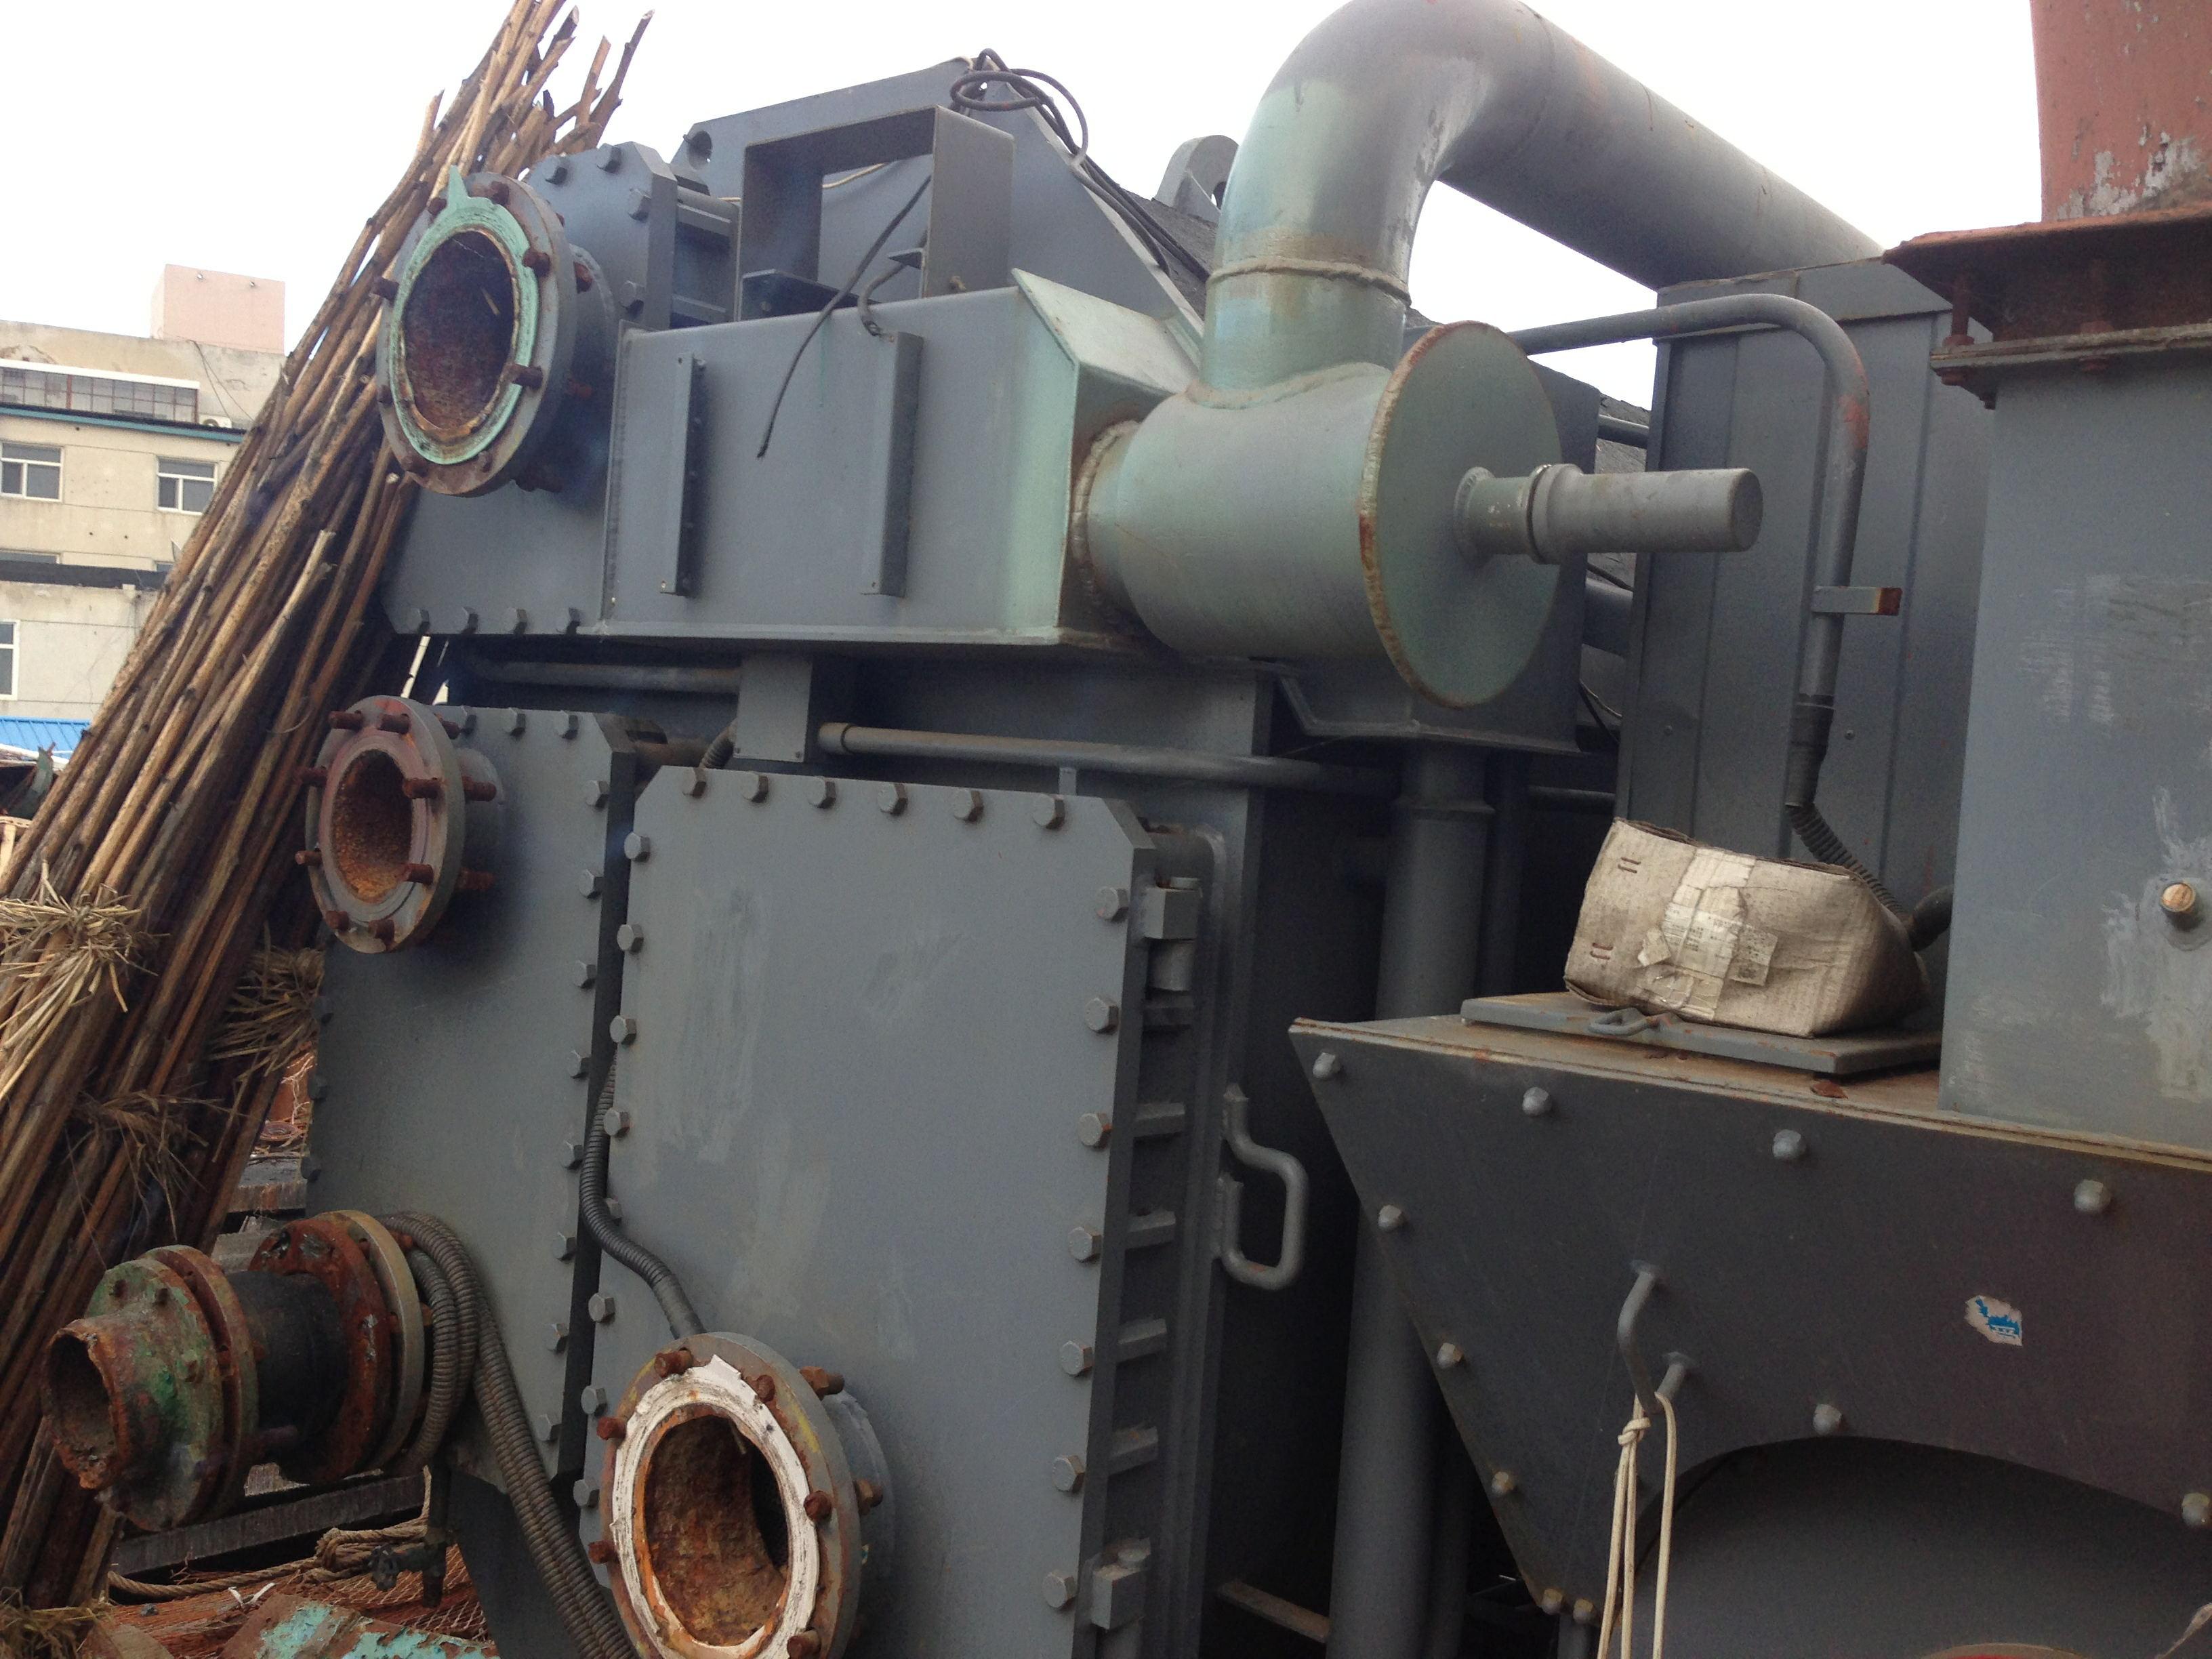 大型制冷机回收拆除东北三省(黑吉辽)15852710808韩